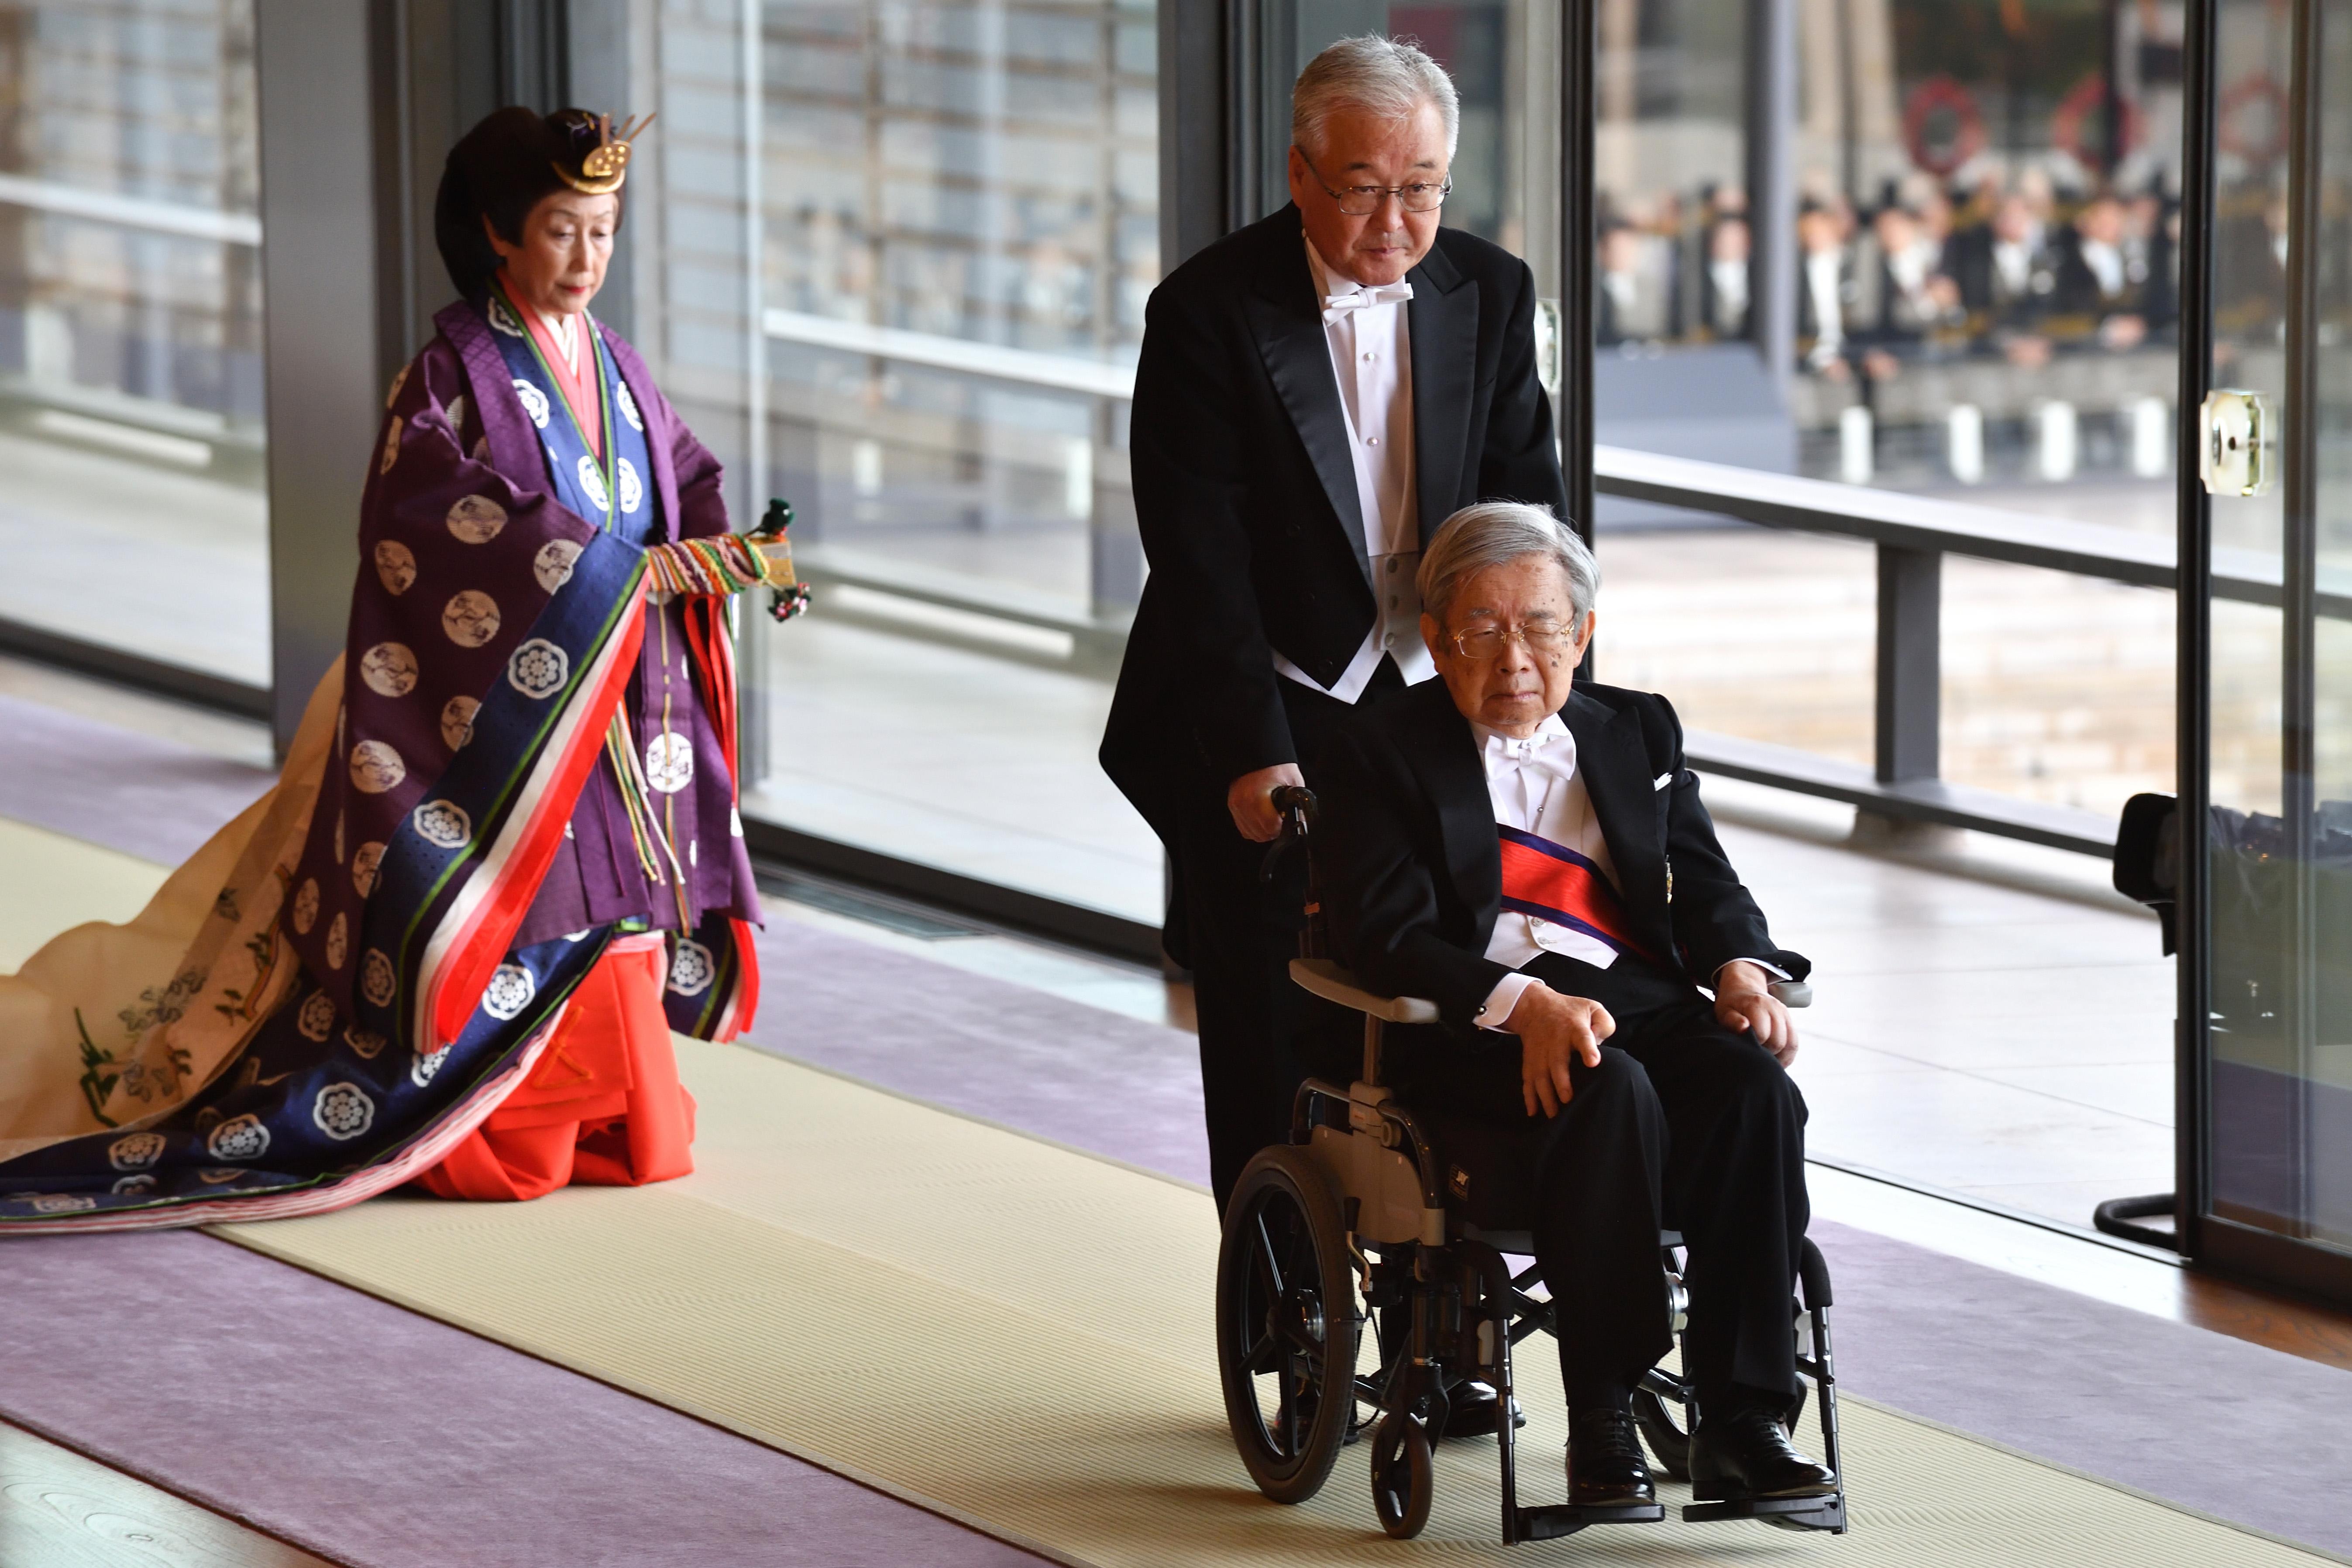 El Príncipe Hitachi de Japón se va al final de la ceremonia de entronización donde el Emperador Naruhito proclamó oficialmente su ascensión al Trono de Crisantemo en el Palacio Imperial de Tokio (AFP)